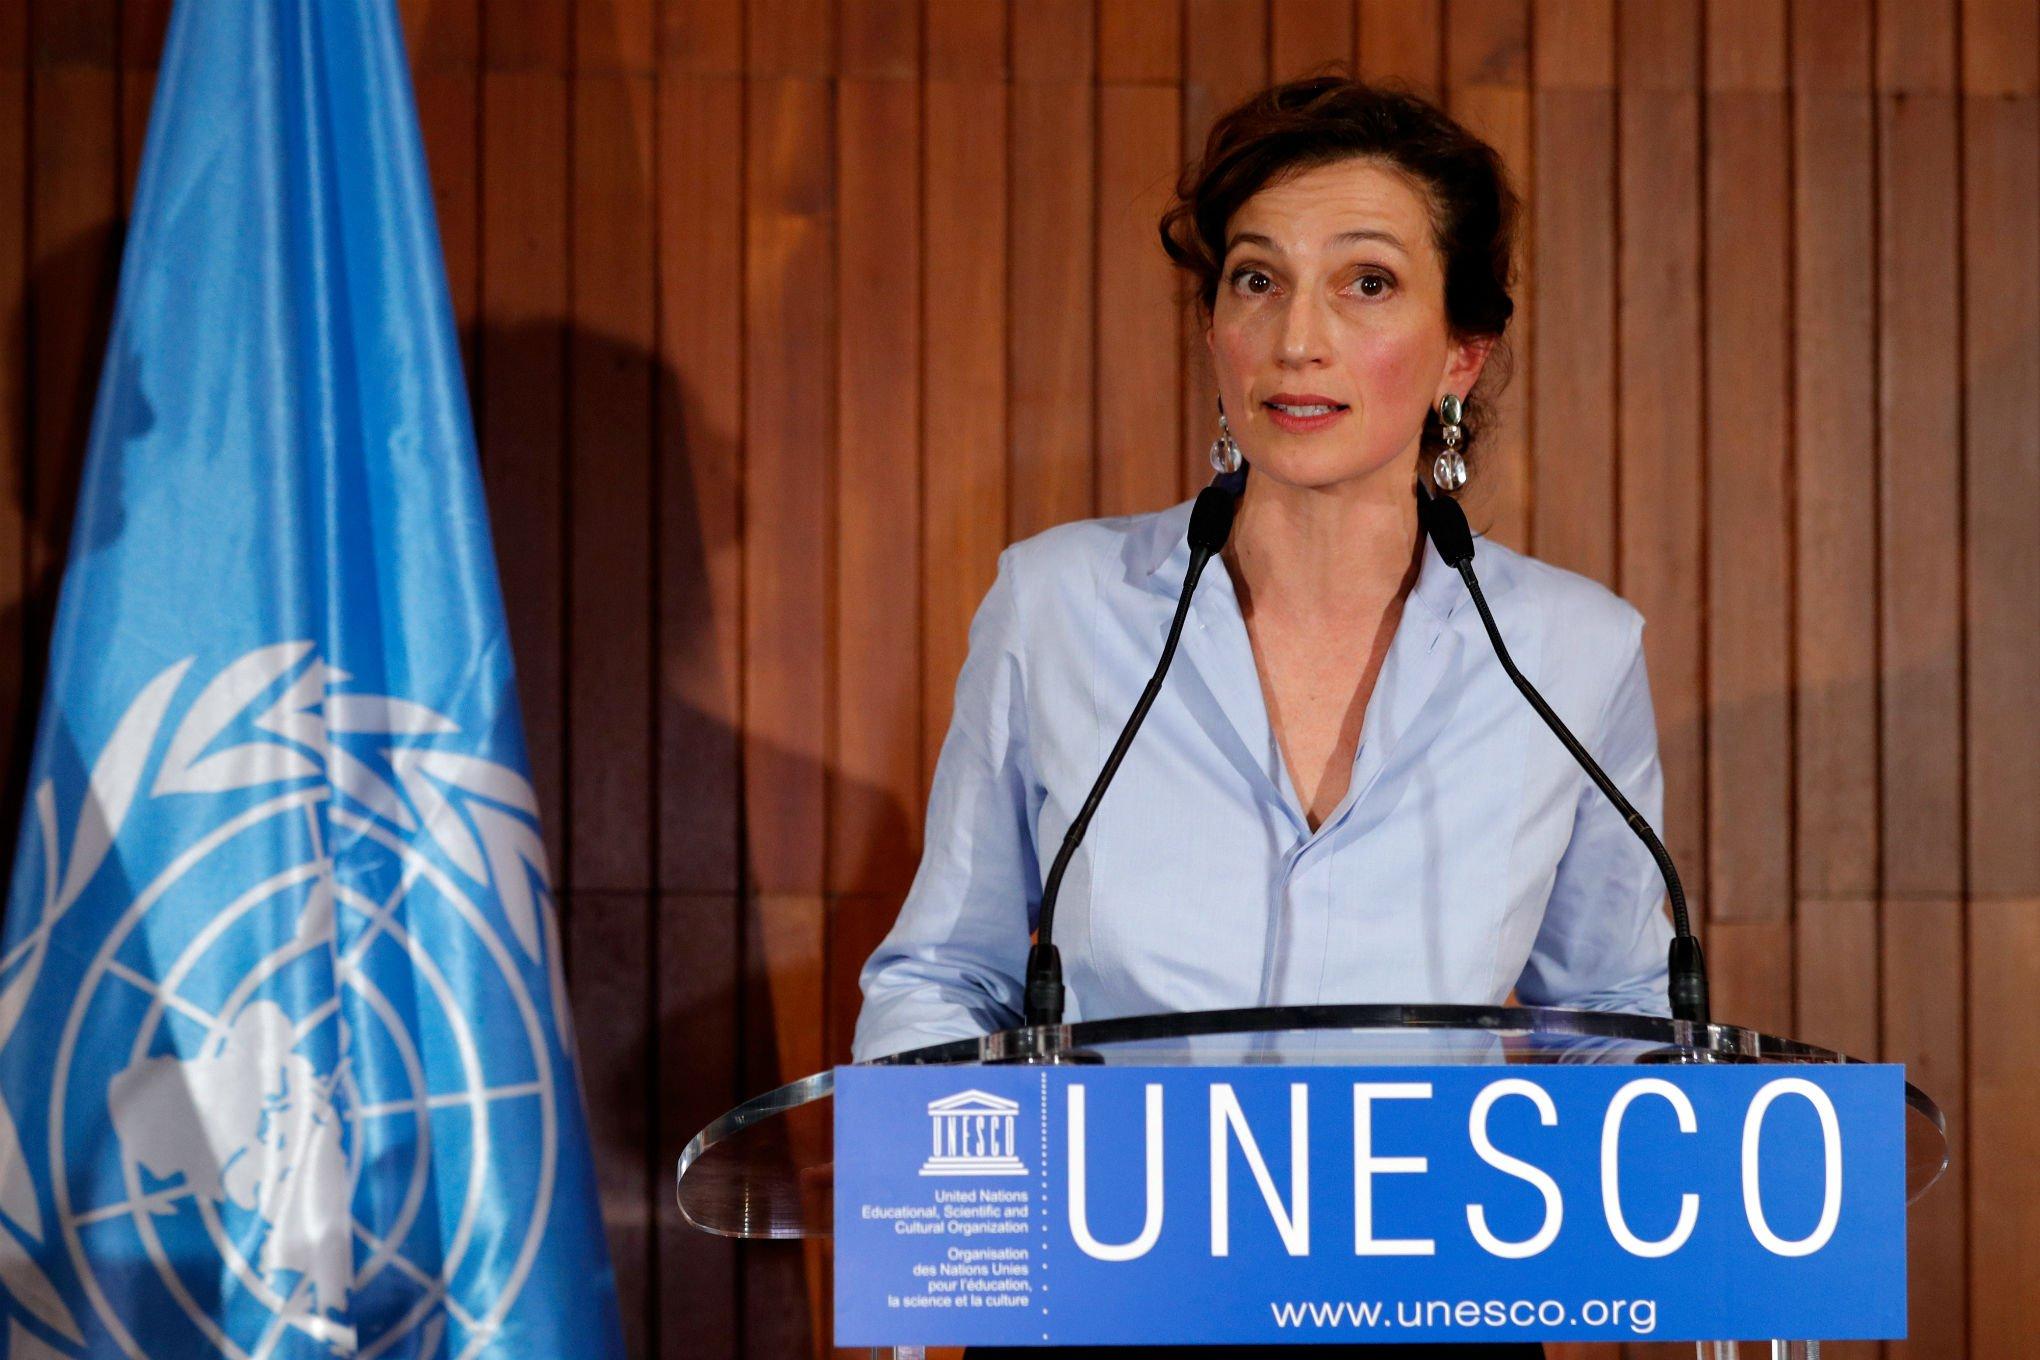 la directrice générale de l'UNESCO, Audrey Azoulay, issue de famille juive, essaye d'arrêter les accusations sans fondement sur Israël.